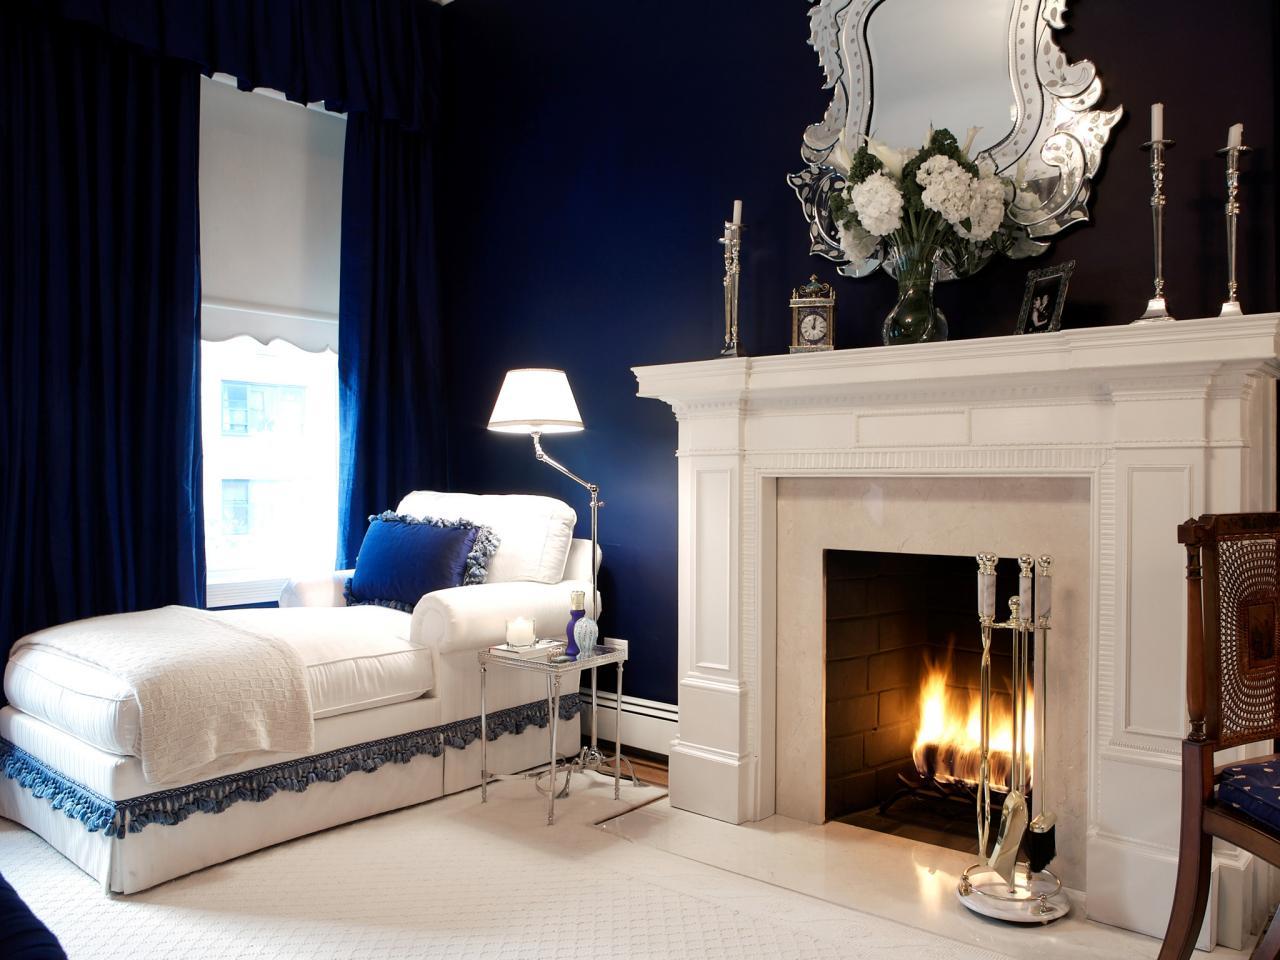 Sala Parede Azul Rodape Branco E Parede Escura Sala Com Parede Azul  -> Parede Da Sala Listrada Azul Marinho